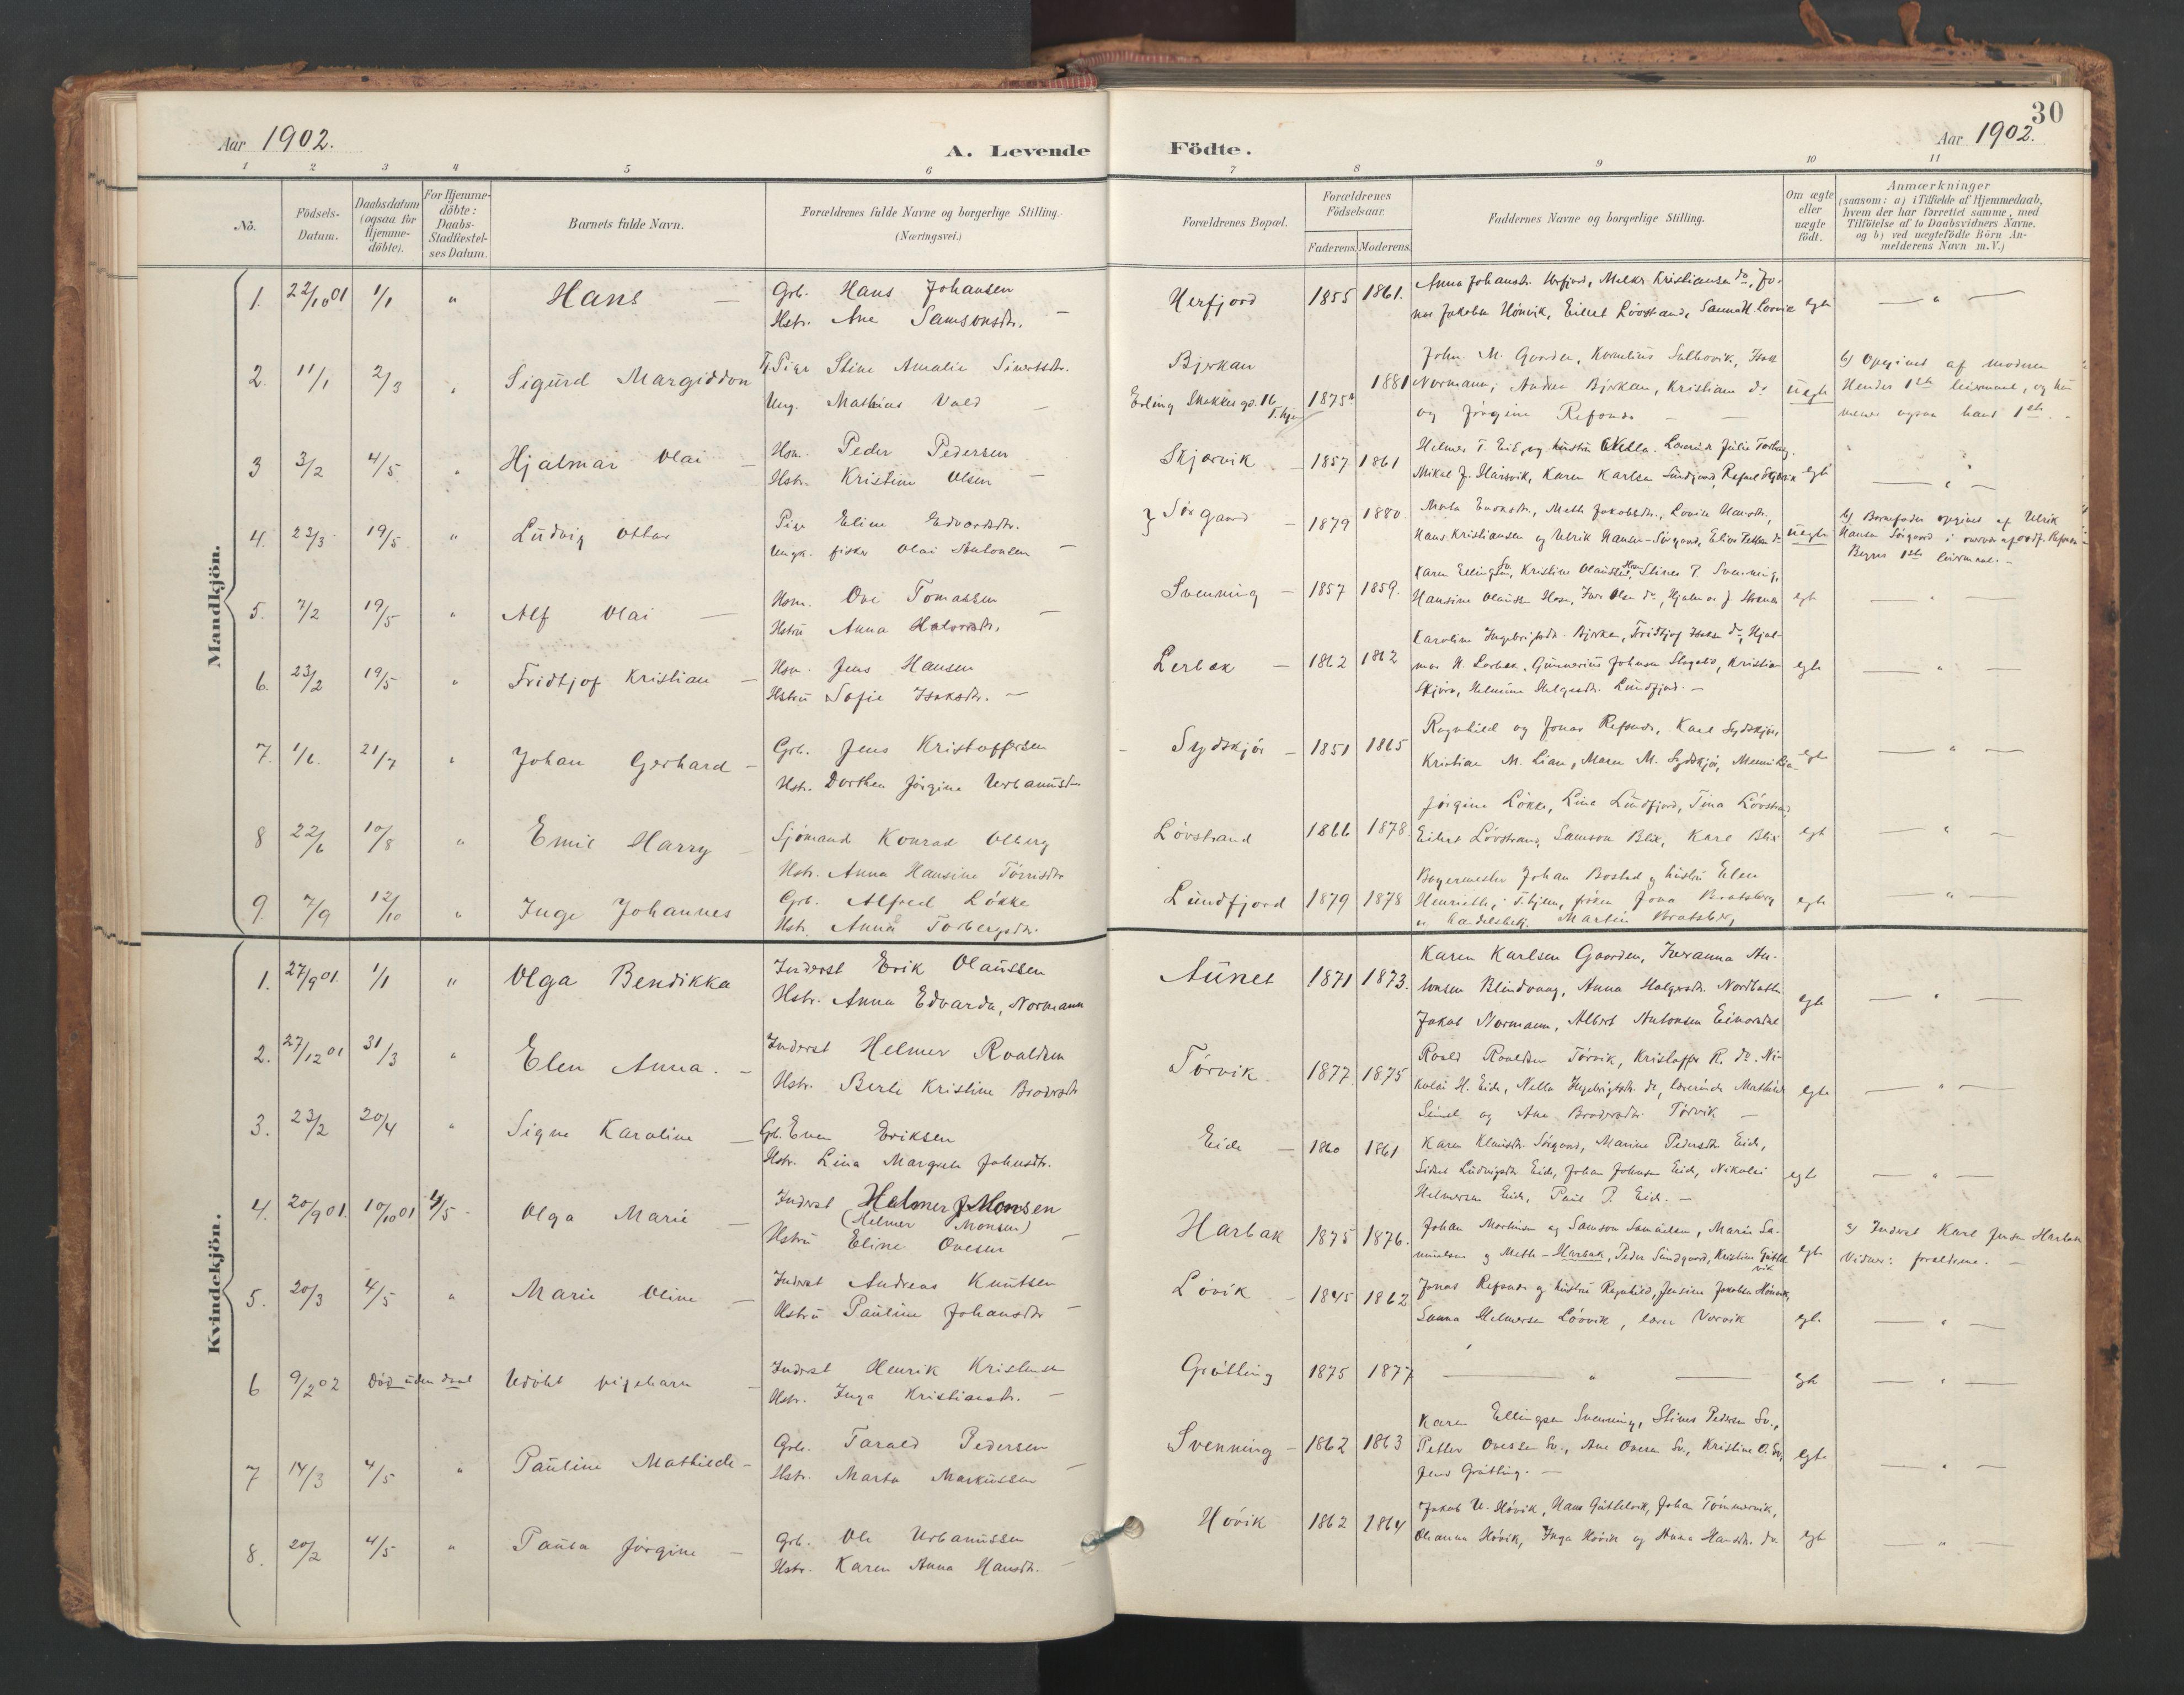 SAT, Ministerialprotokoller, klokkerbøker og fødselsregistre - Sør-Trøndelag, 656/L0693: Ministerialbok nr. 656A02, 1894-1913, s. 30